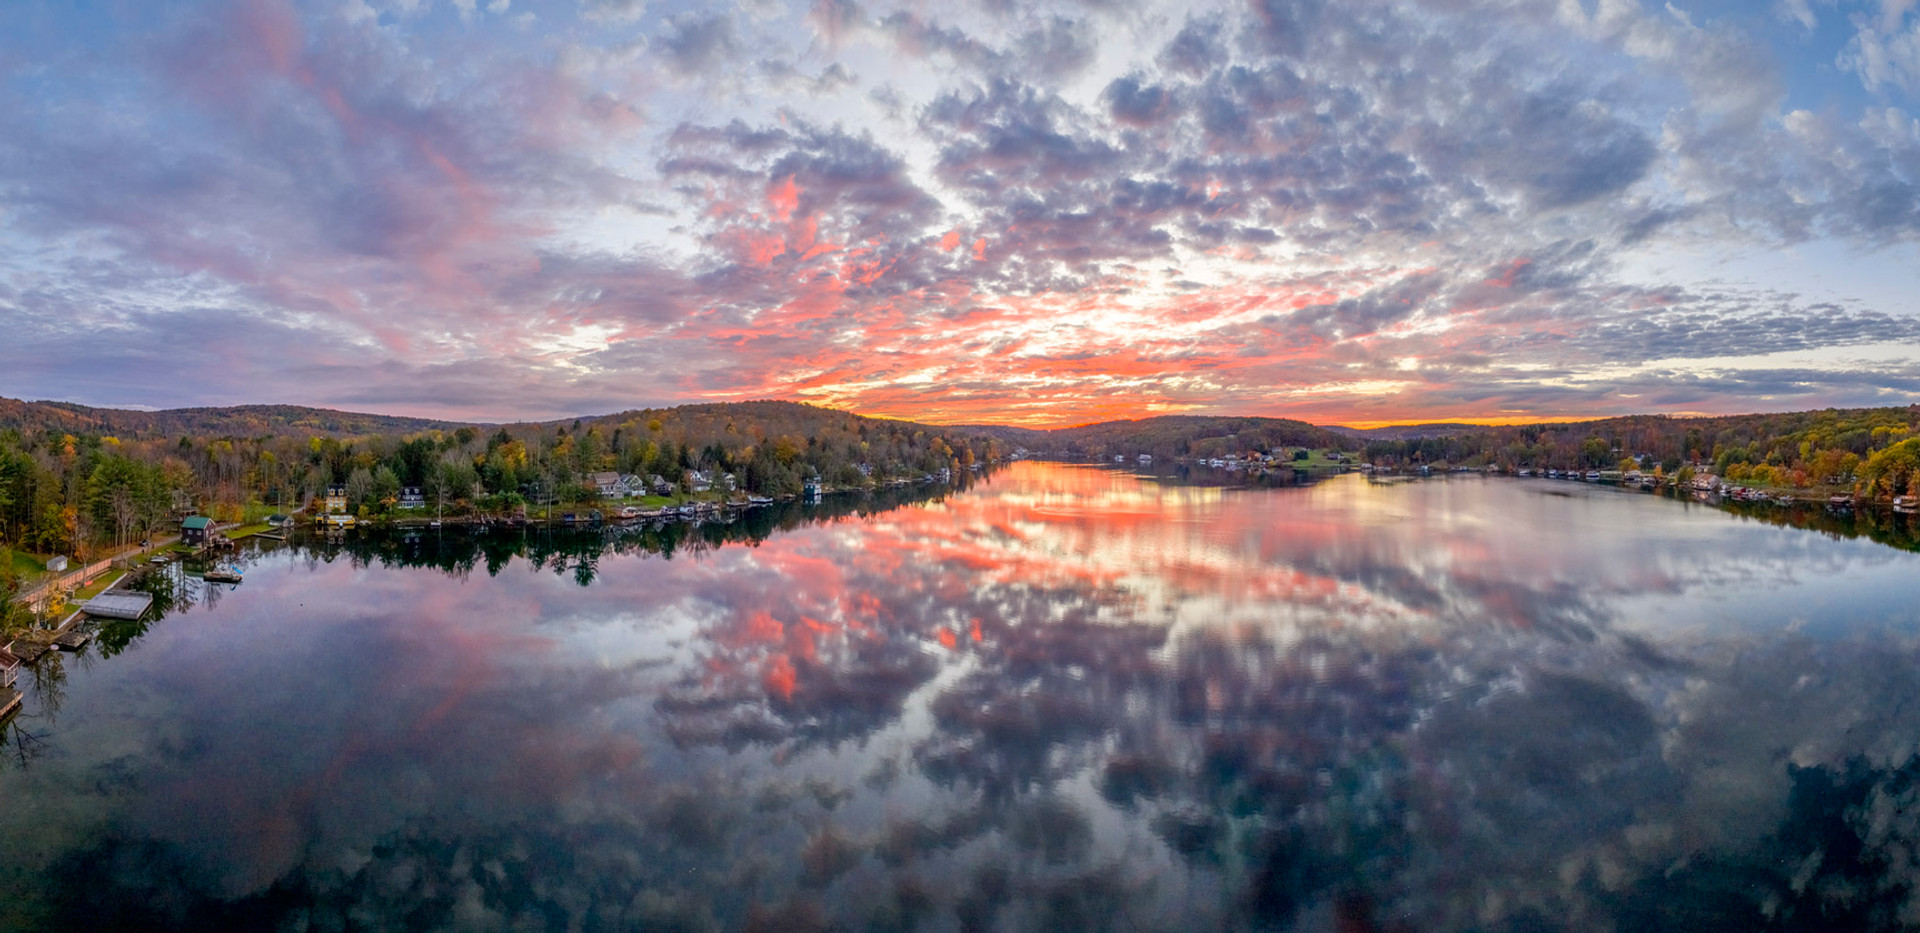 Quaker Lake_20191020_001.jpg